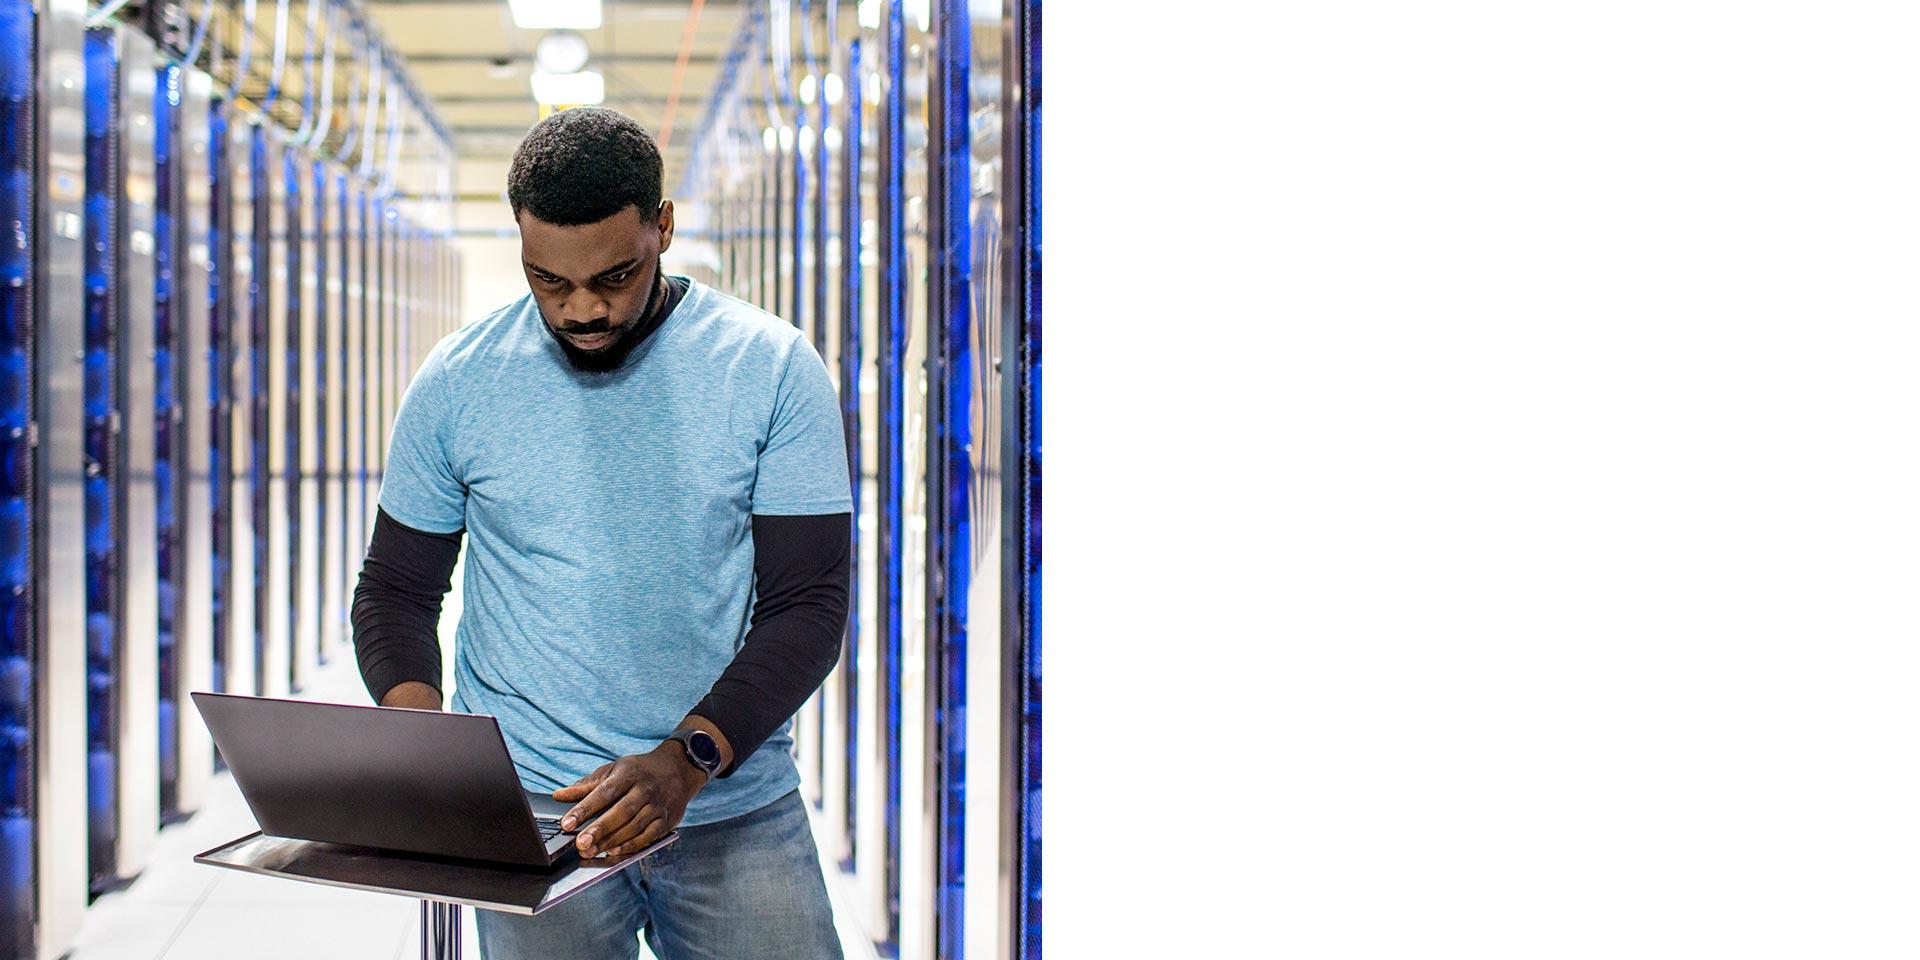 Un homme qui utilise un ordinateur portable dans un centre de données